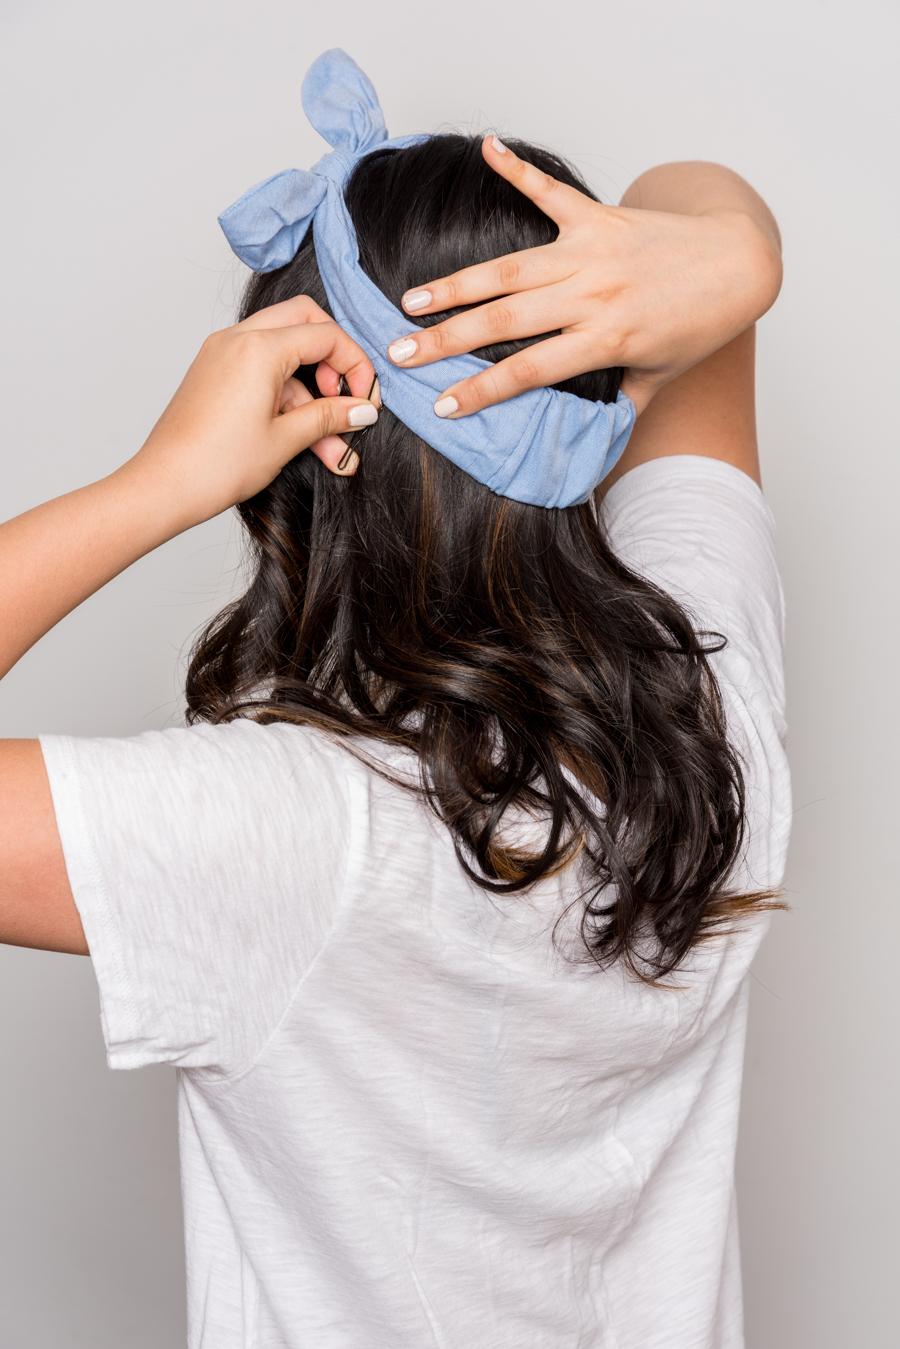 How To Do An Easy Headband Updo 夏にオススメの簡単ヘアアレンジ 3